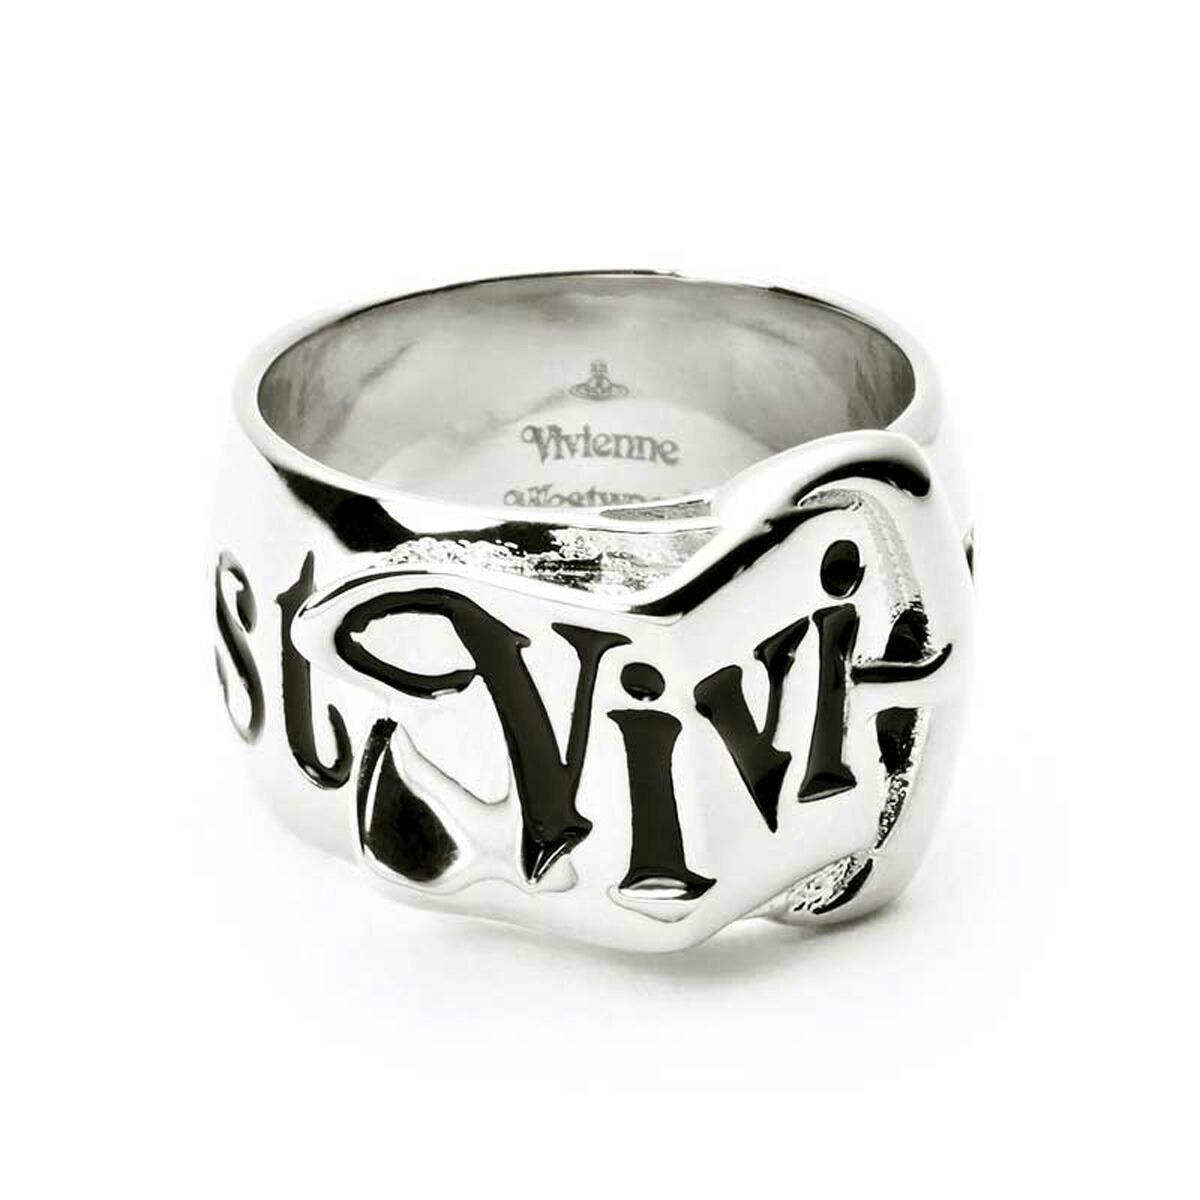 ヴィヴィアン 指輪 レディース ブランド サイズ 号 メンズ リング 幅広 ベルト ユニセックス かっこいい おしゃれ シルバー925 プレゼント 男性 女性 誕生日 Vivienne クリスマス M BELT SILVER ブラック 1 ヴィヴィアンウエストウッド 全国どこでも送料無料 XS Westwood SR001 XXS 全店販売中 L S RING シルバー XL